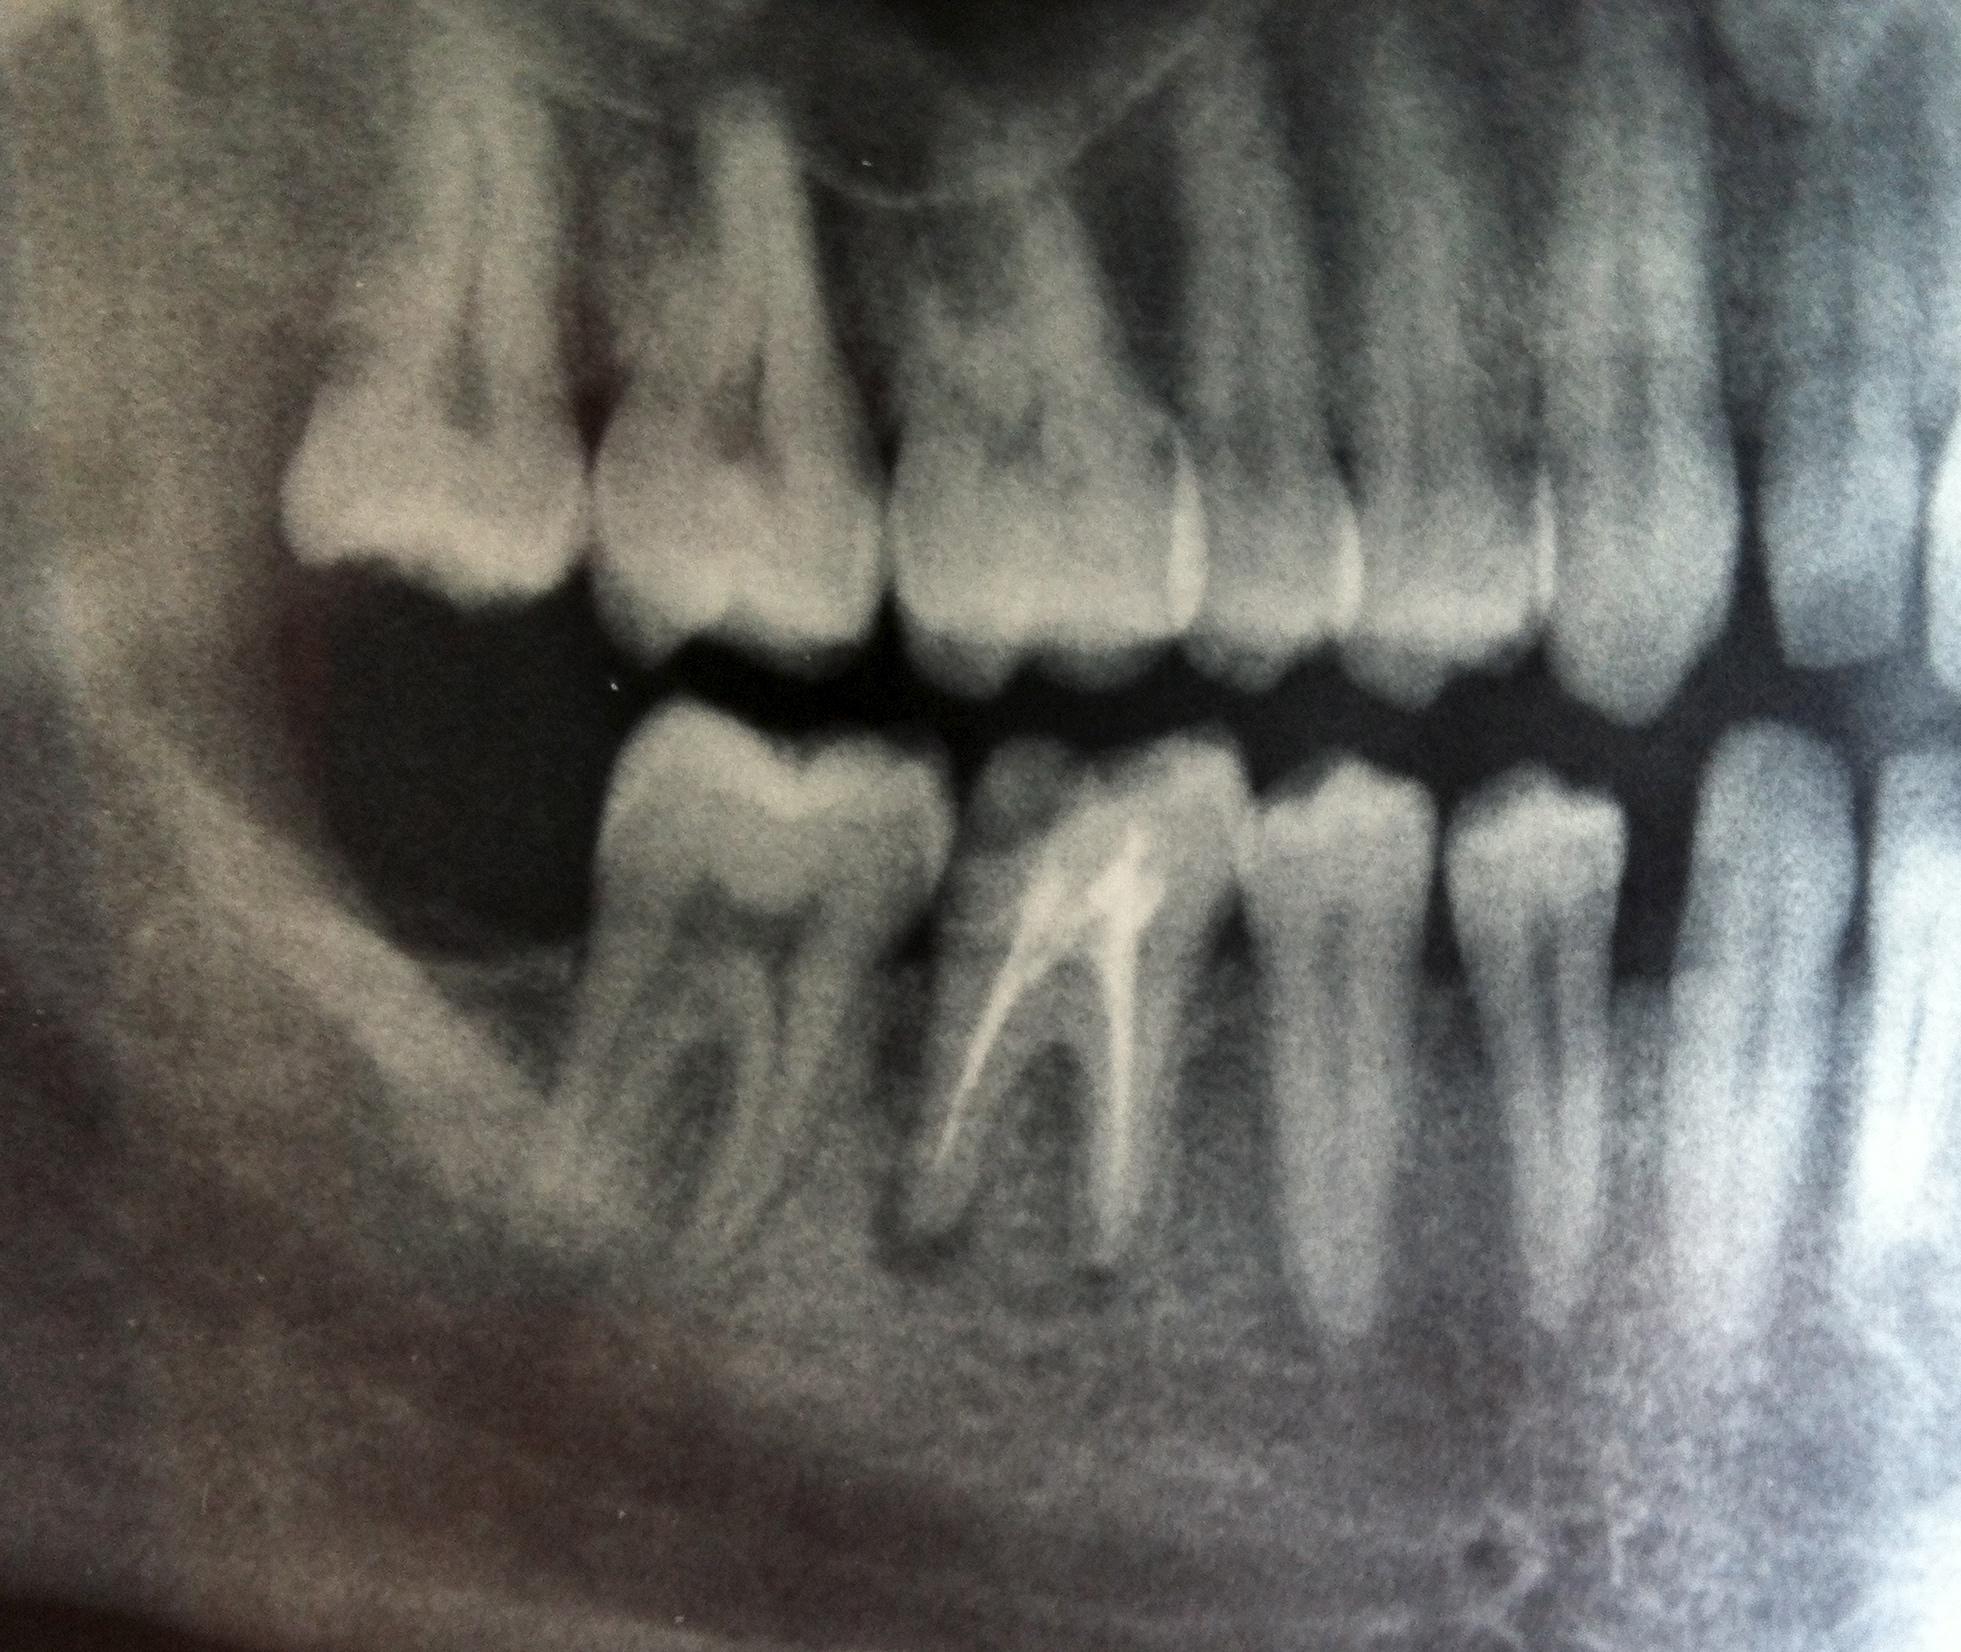 Al termine di una DEVITALIZZAZIONE di un molare inferiore, ho continuato anche dopo giorni ad avere disturbi